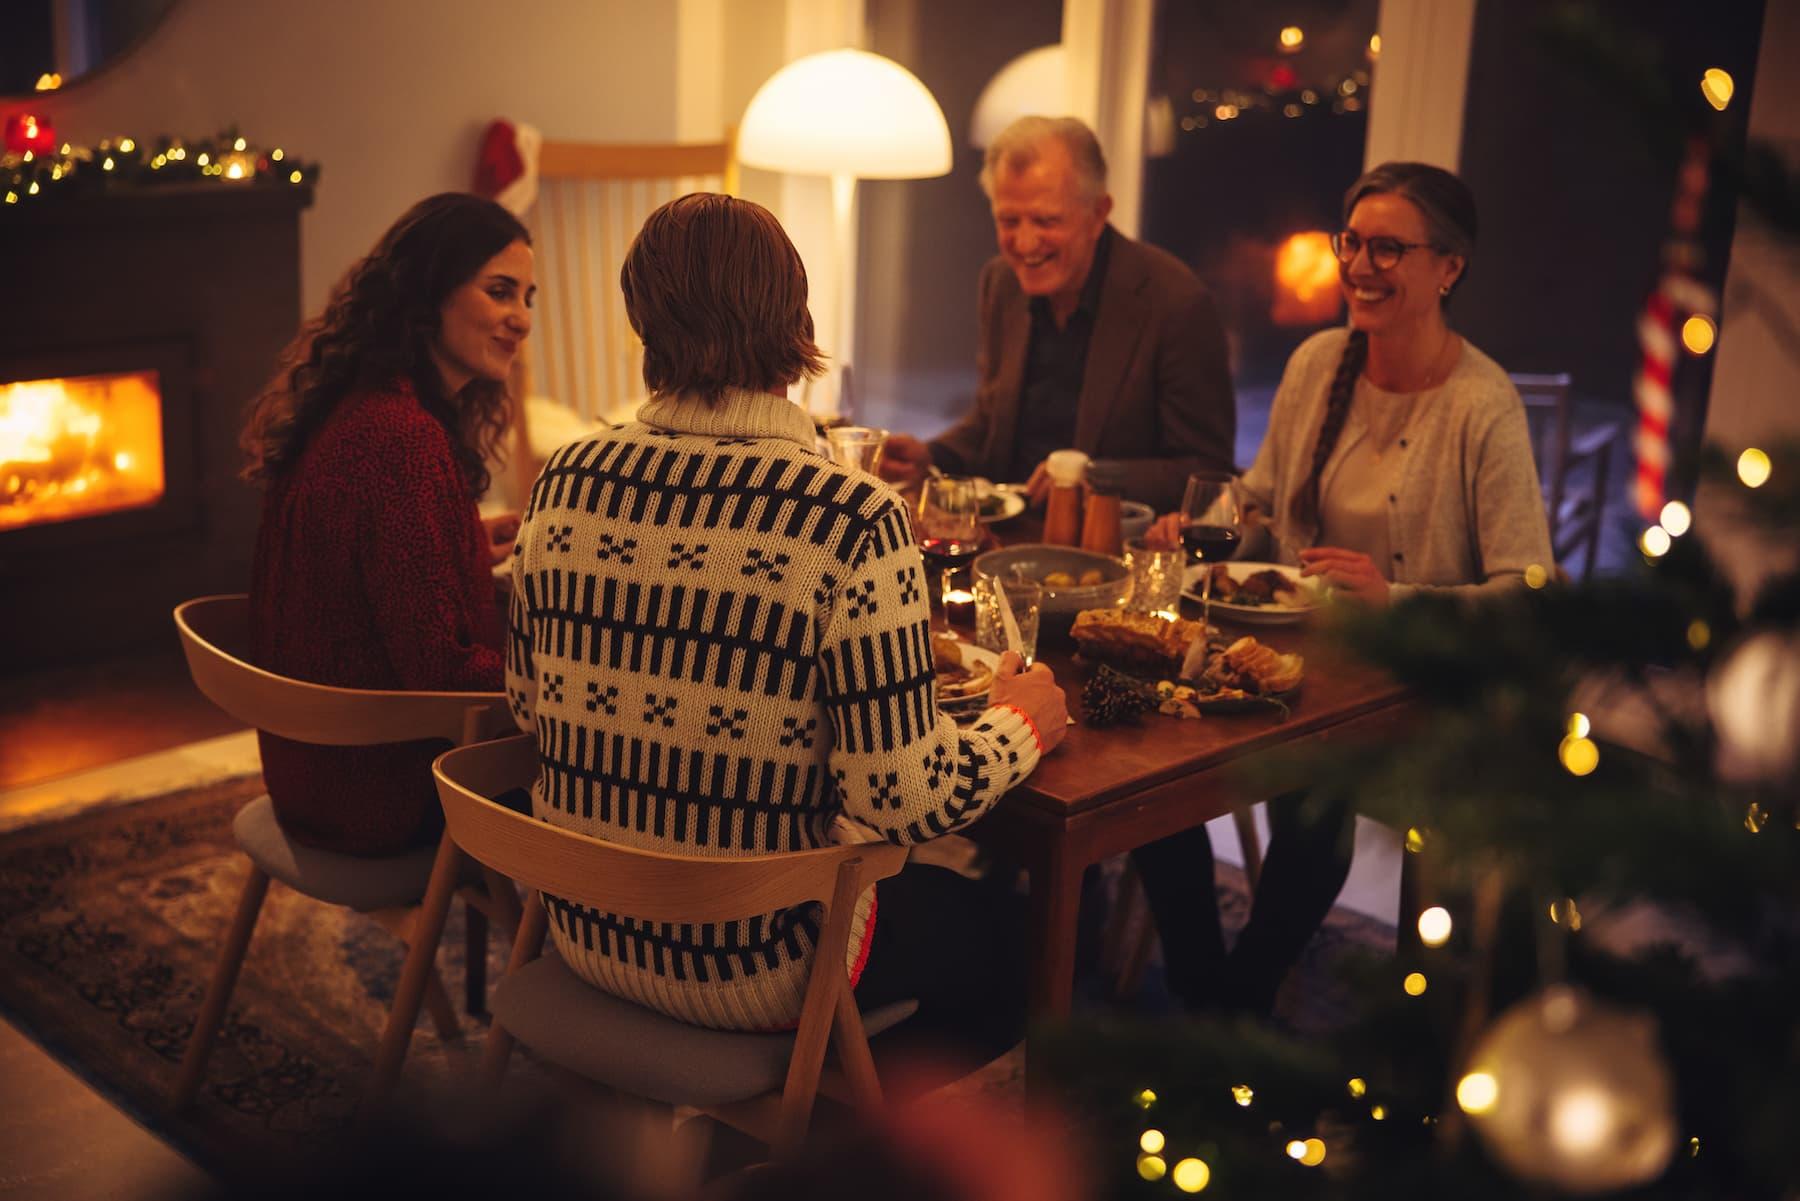 Pierwsze Święta u niej w domu. Jak się zachować, żeby dobrze wypaść?